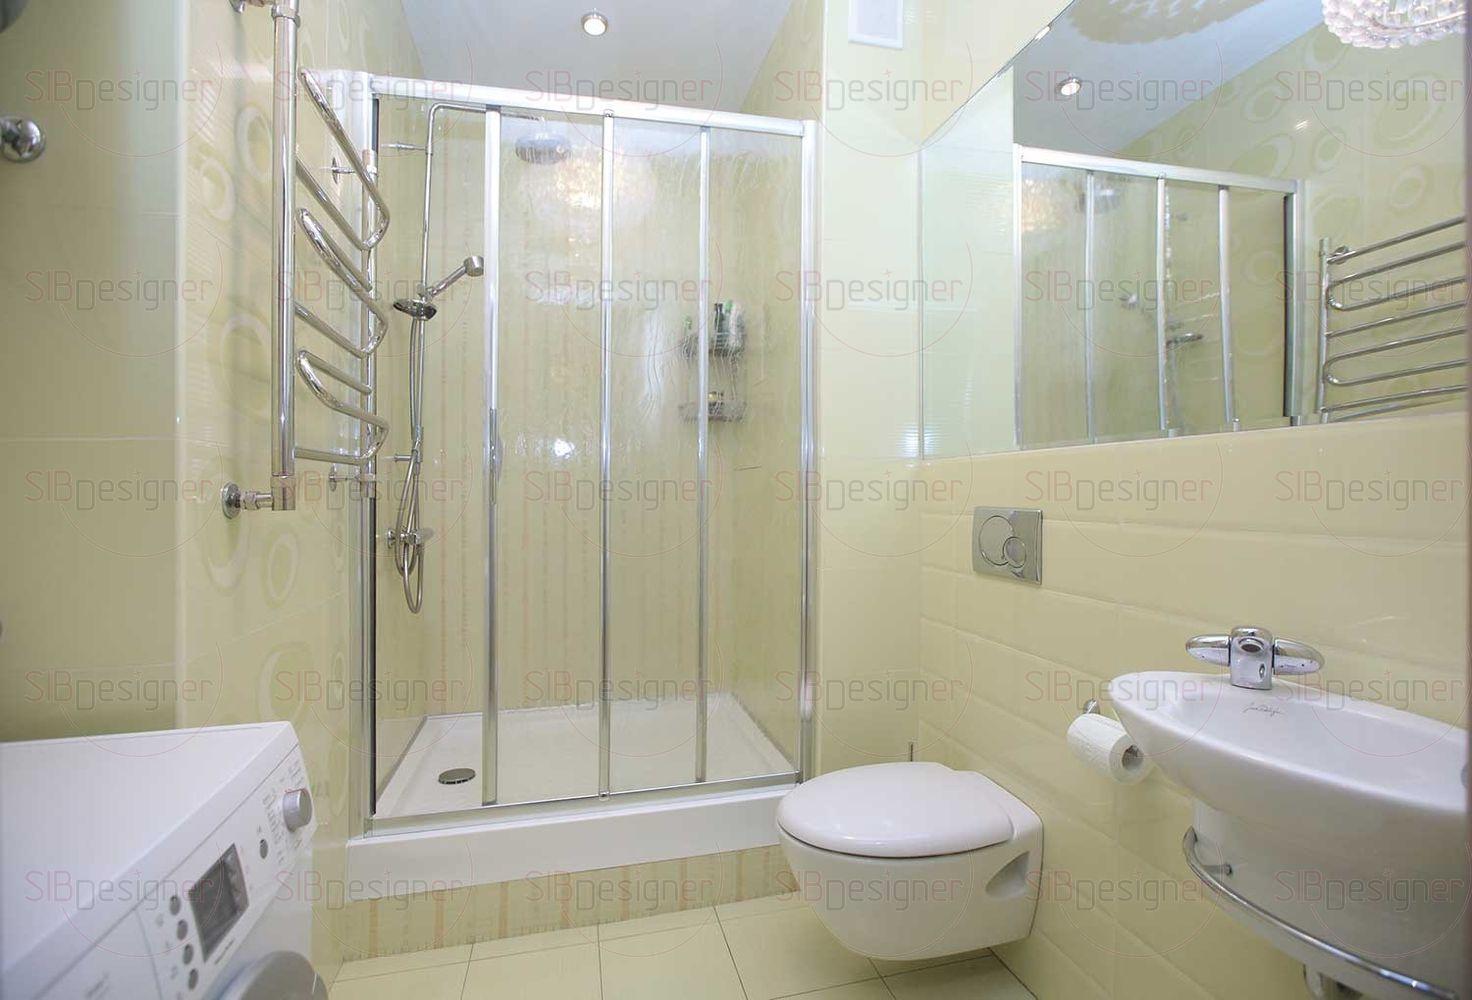 Небольшая перепланировка позволила создать из обычной туалетной комнаты полноценный санузел.